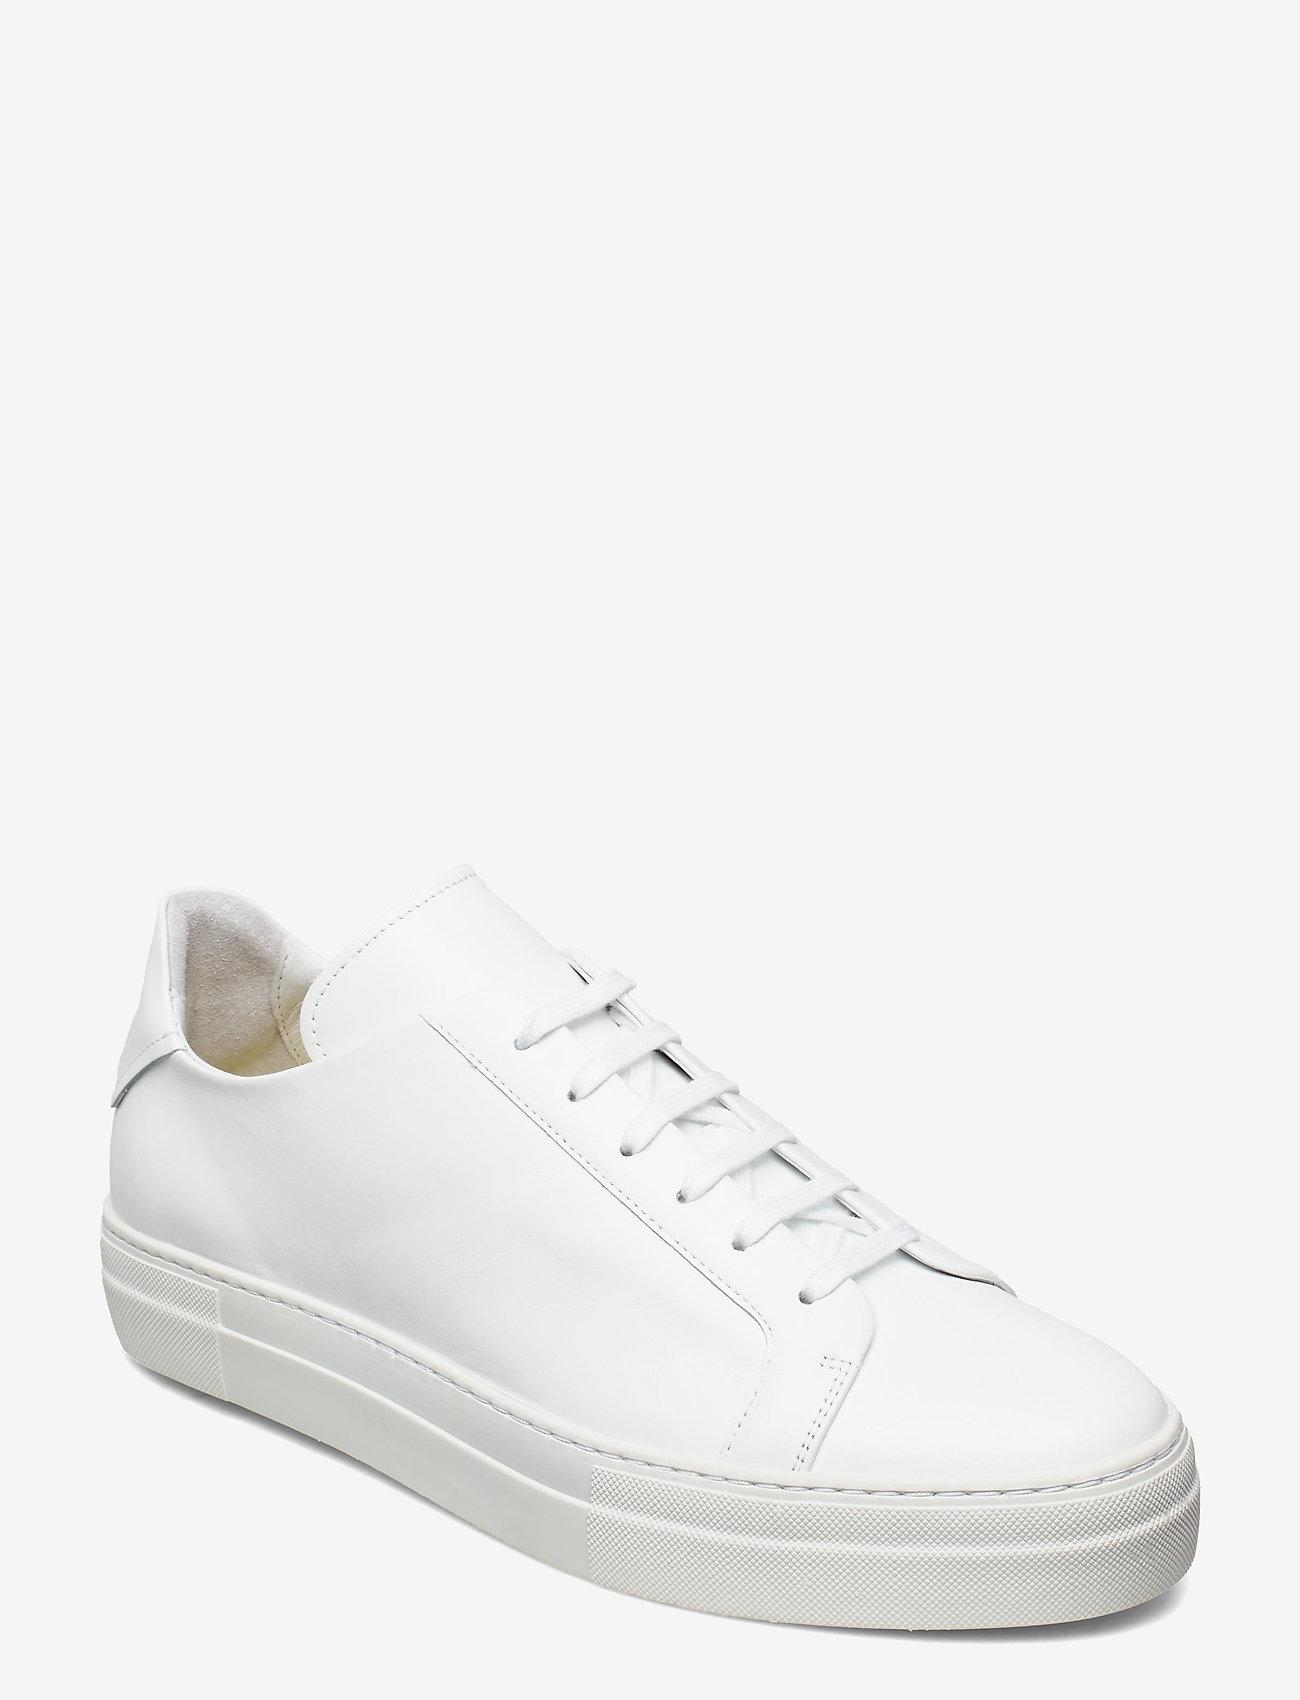 J. Lindeberg - Signature Leather Sneaker - niedriger schnitt - white - 0